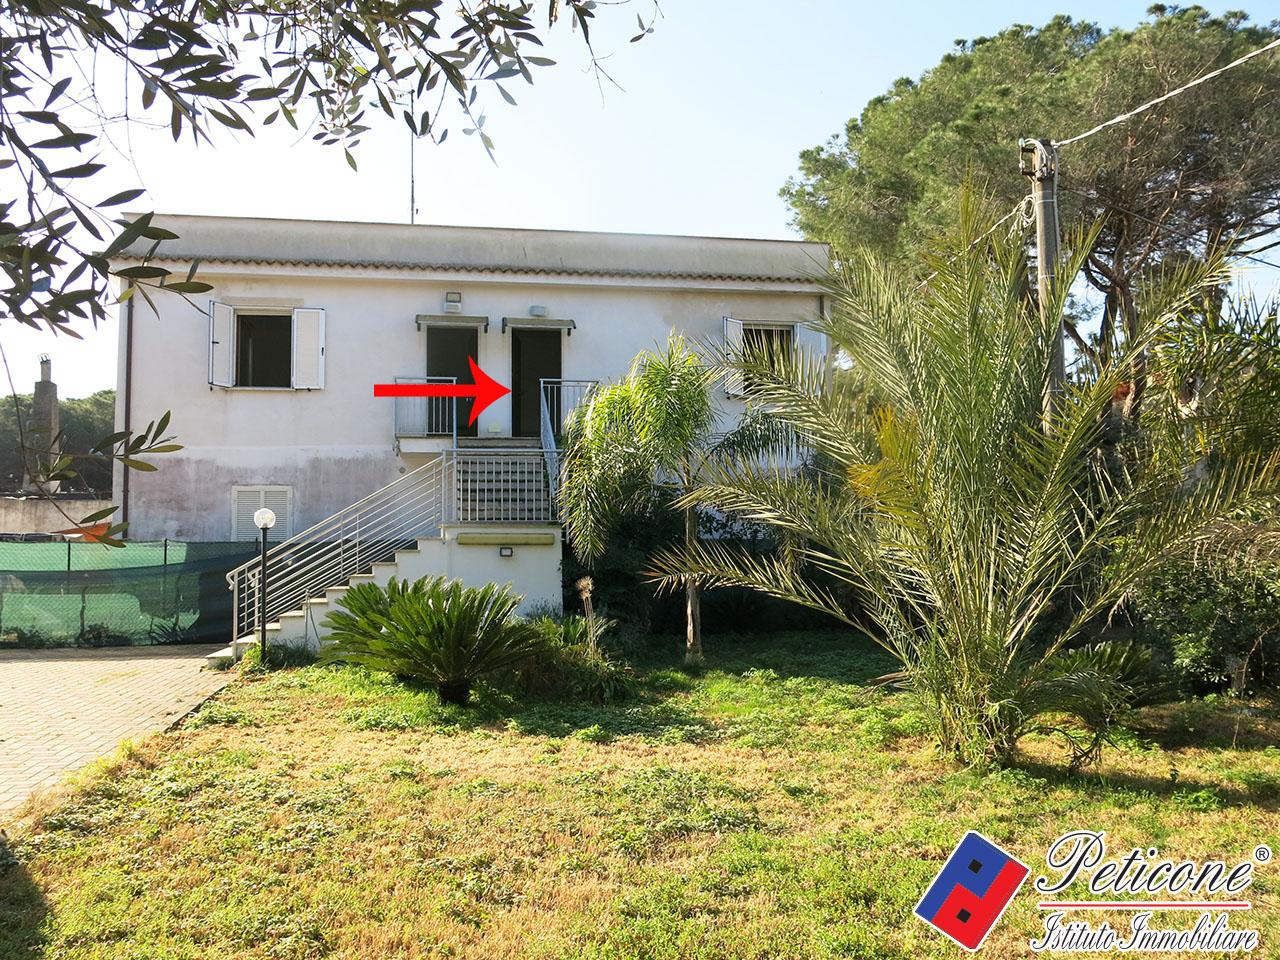 Appartamento in vendita a Terracina, 3 locali, prezzo € 175.000 | PortaleAgenzieImmobiliari.it